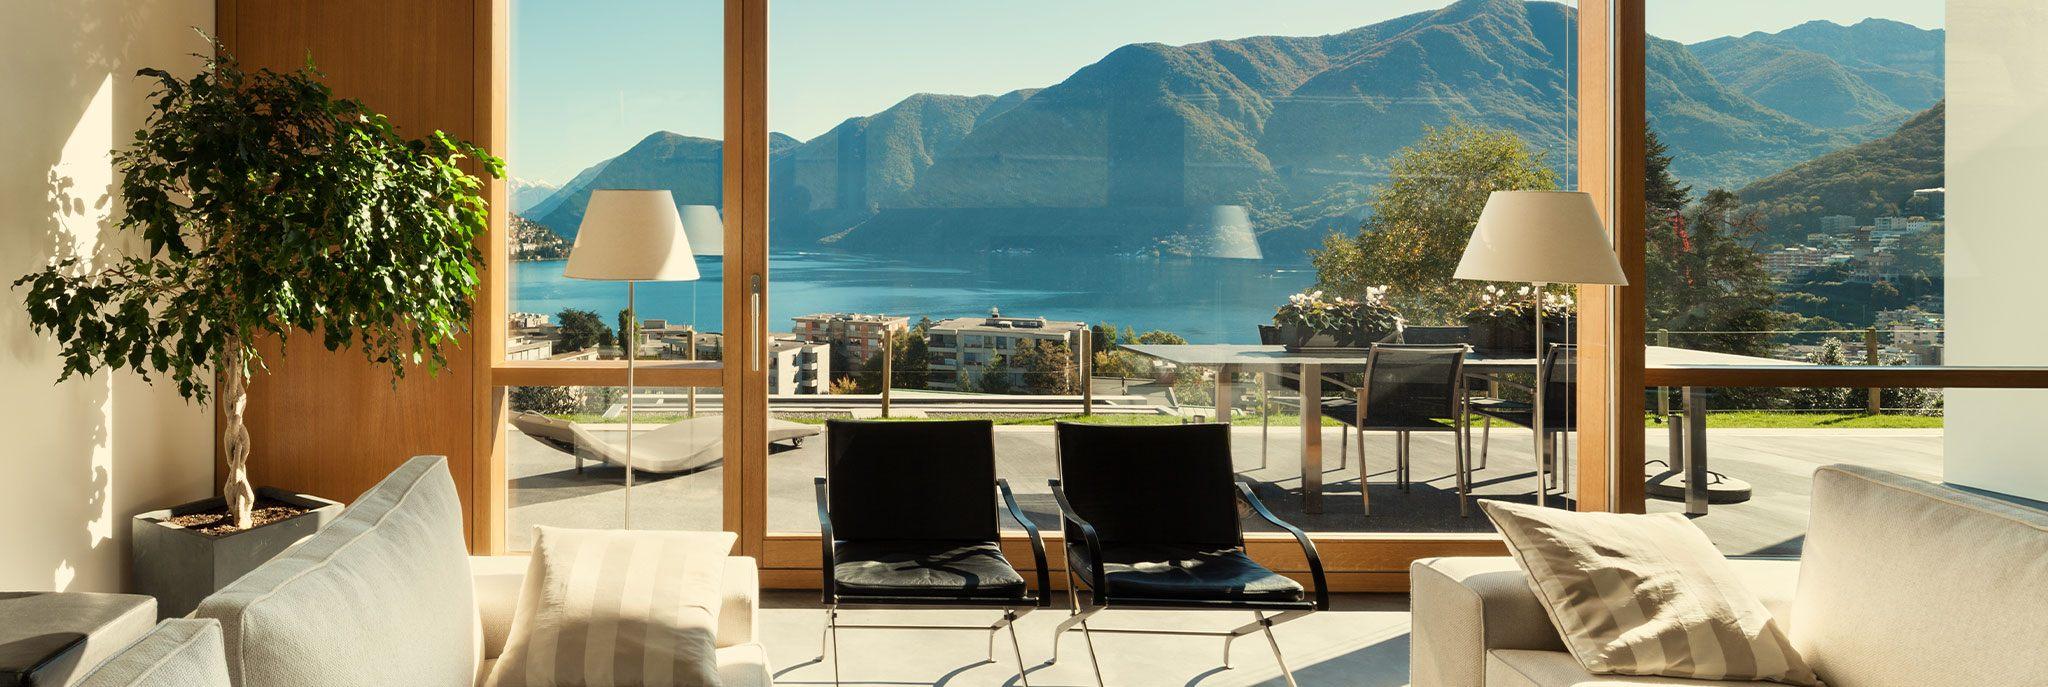 Blick aus Ferienhaus mit Terrasse auf See und Berge